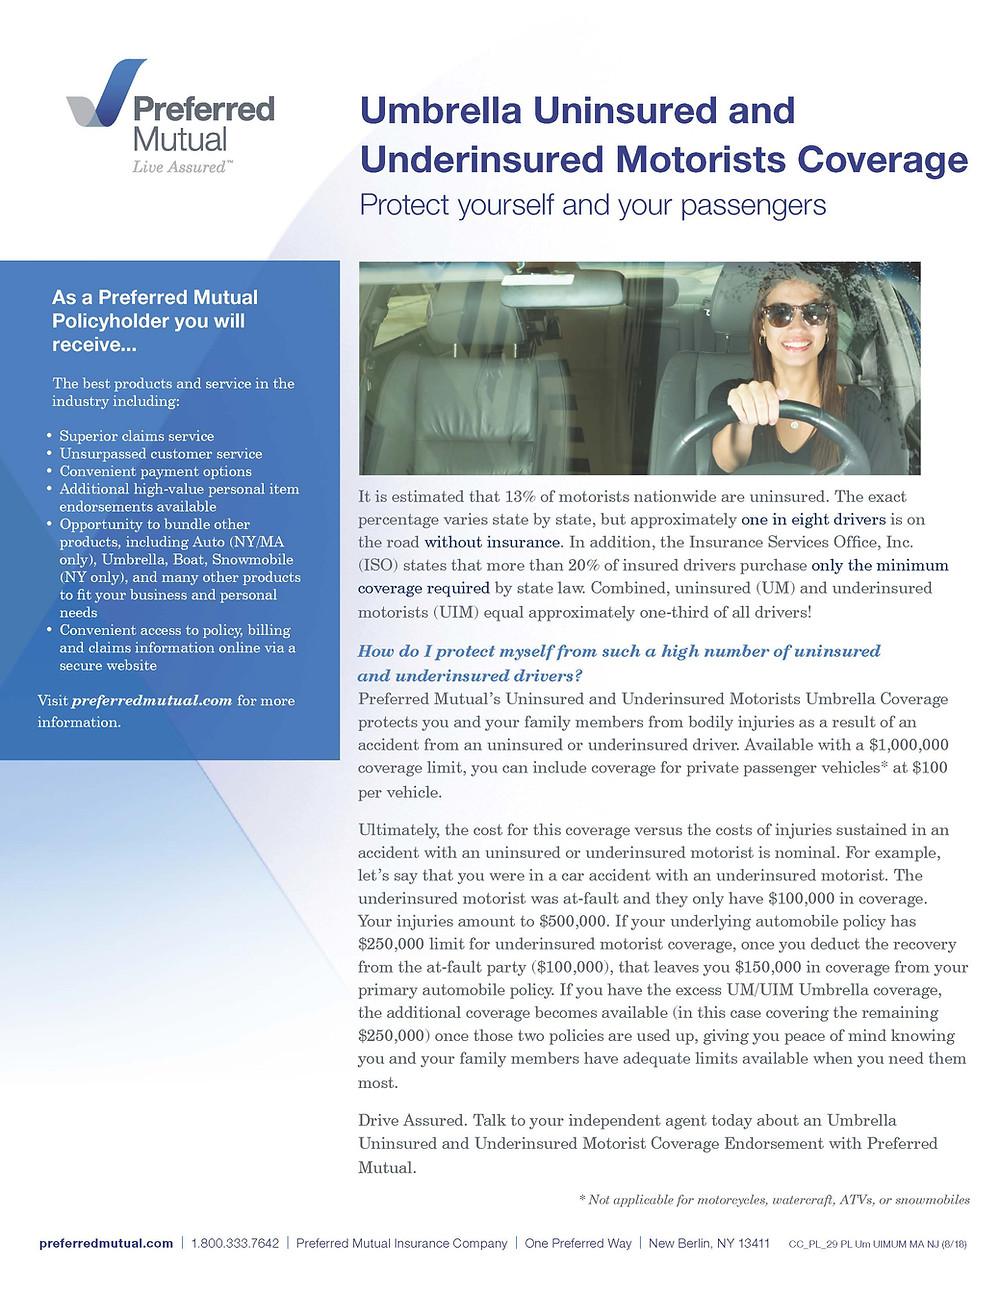 Umbrella Uninsured Underinsured Motorist Coverage